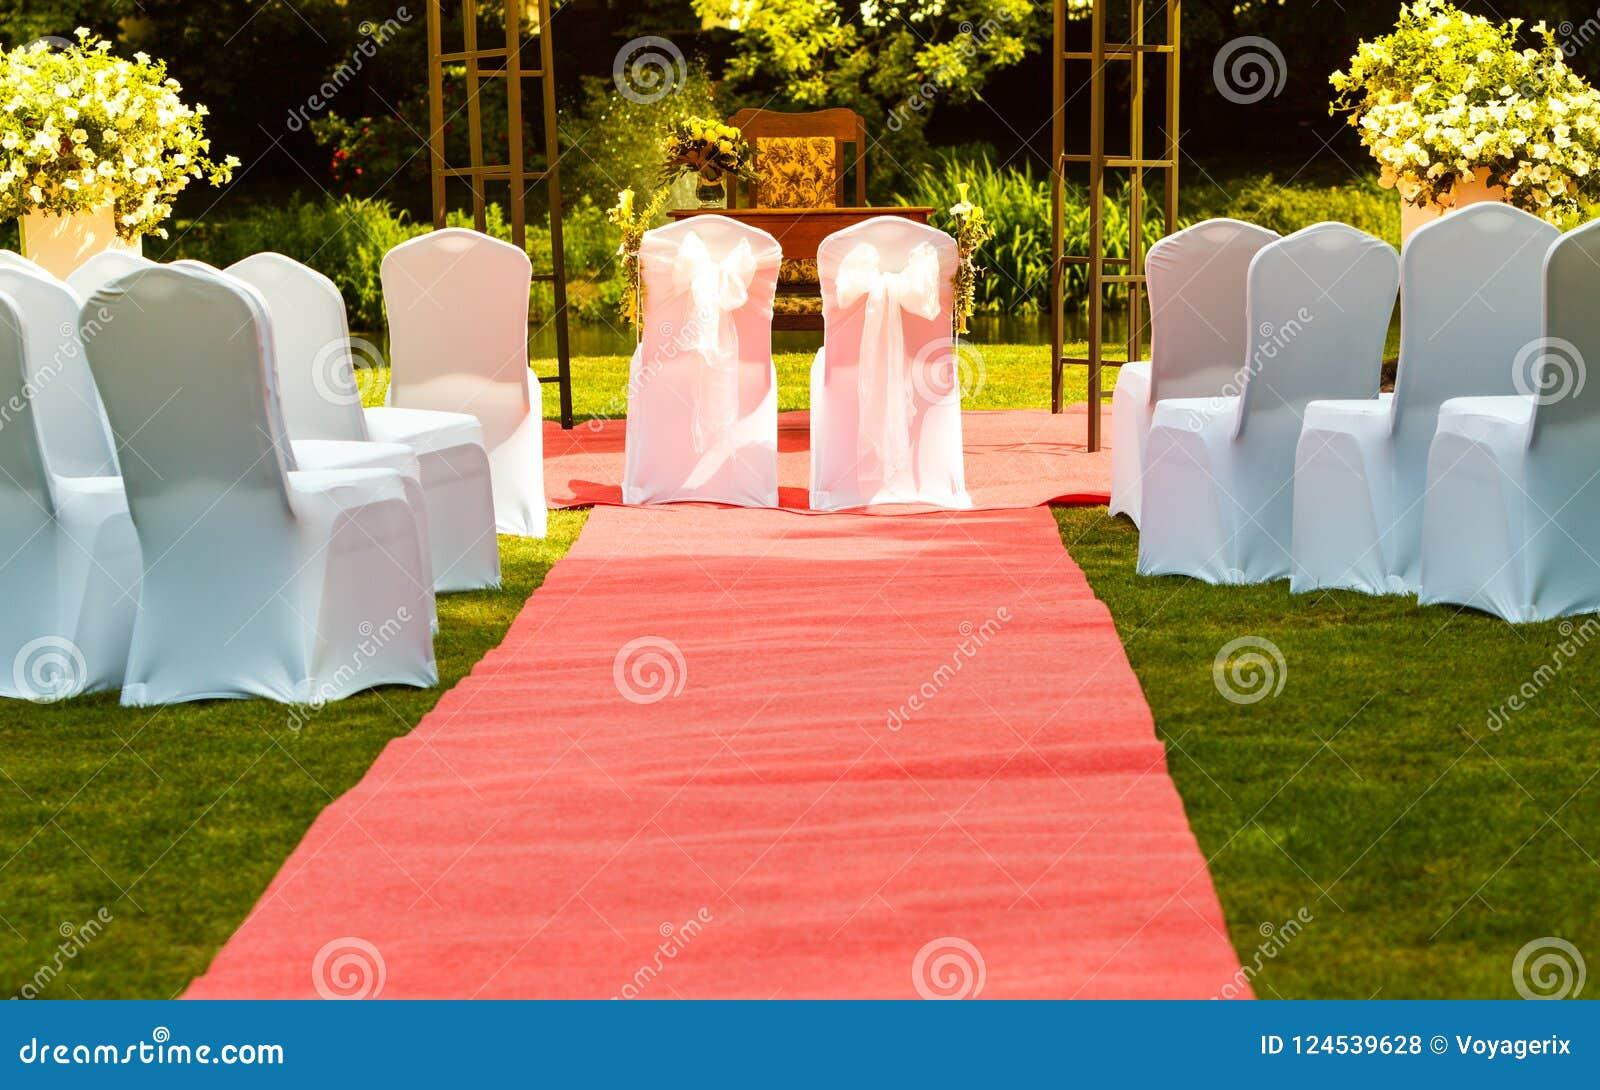 Sedie Bianche Eleganti : Molte sedie di nozze con le coperture eleganti bianche fotografia